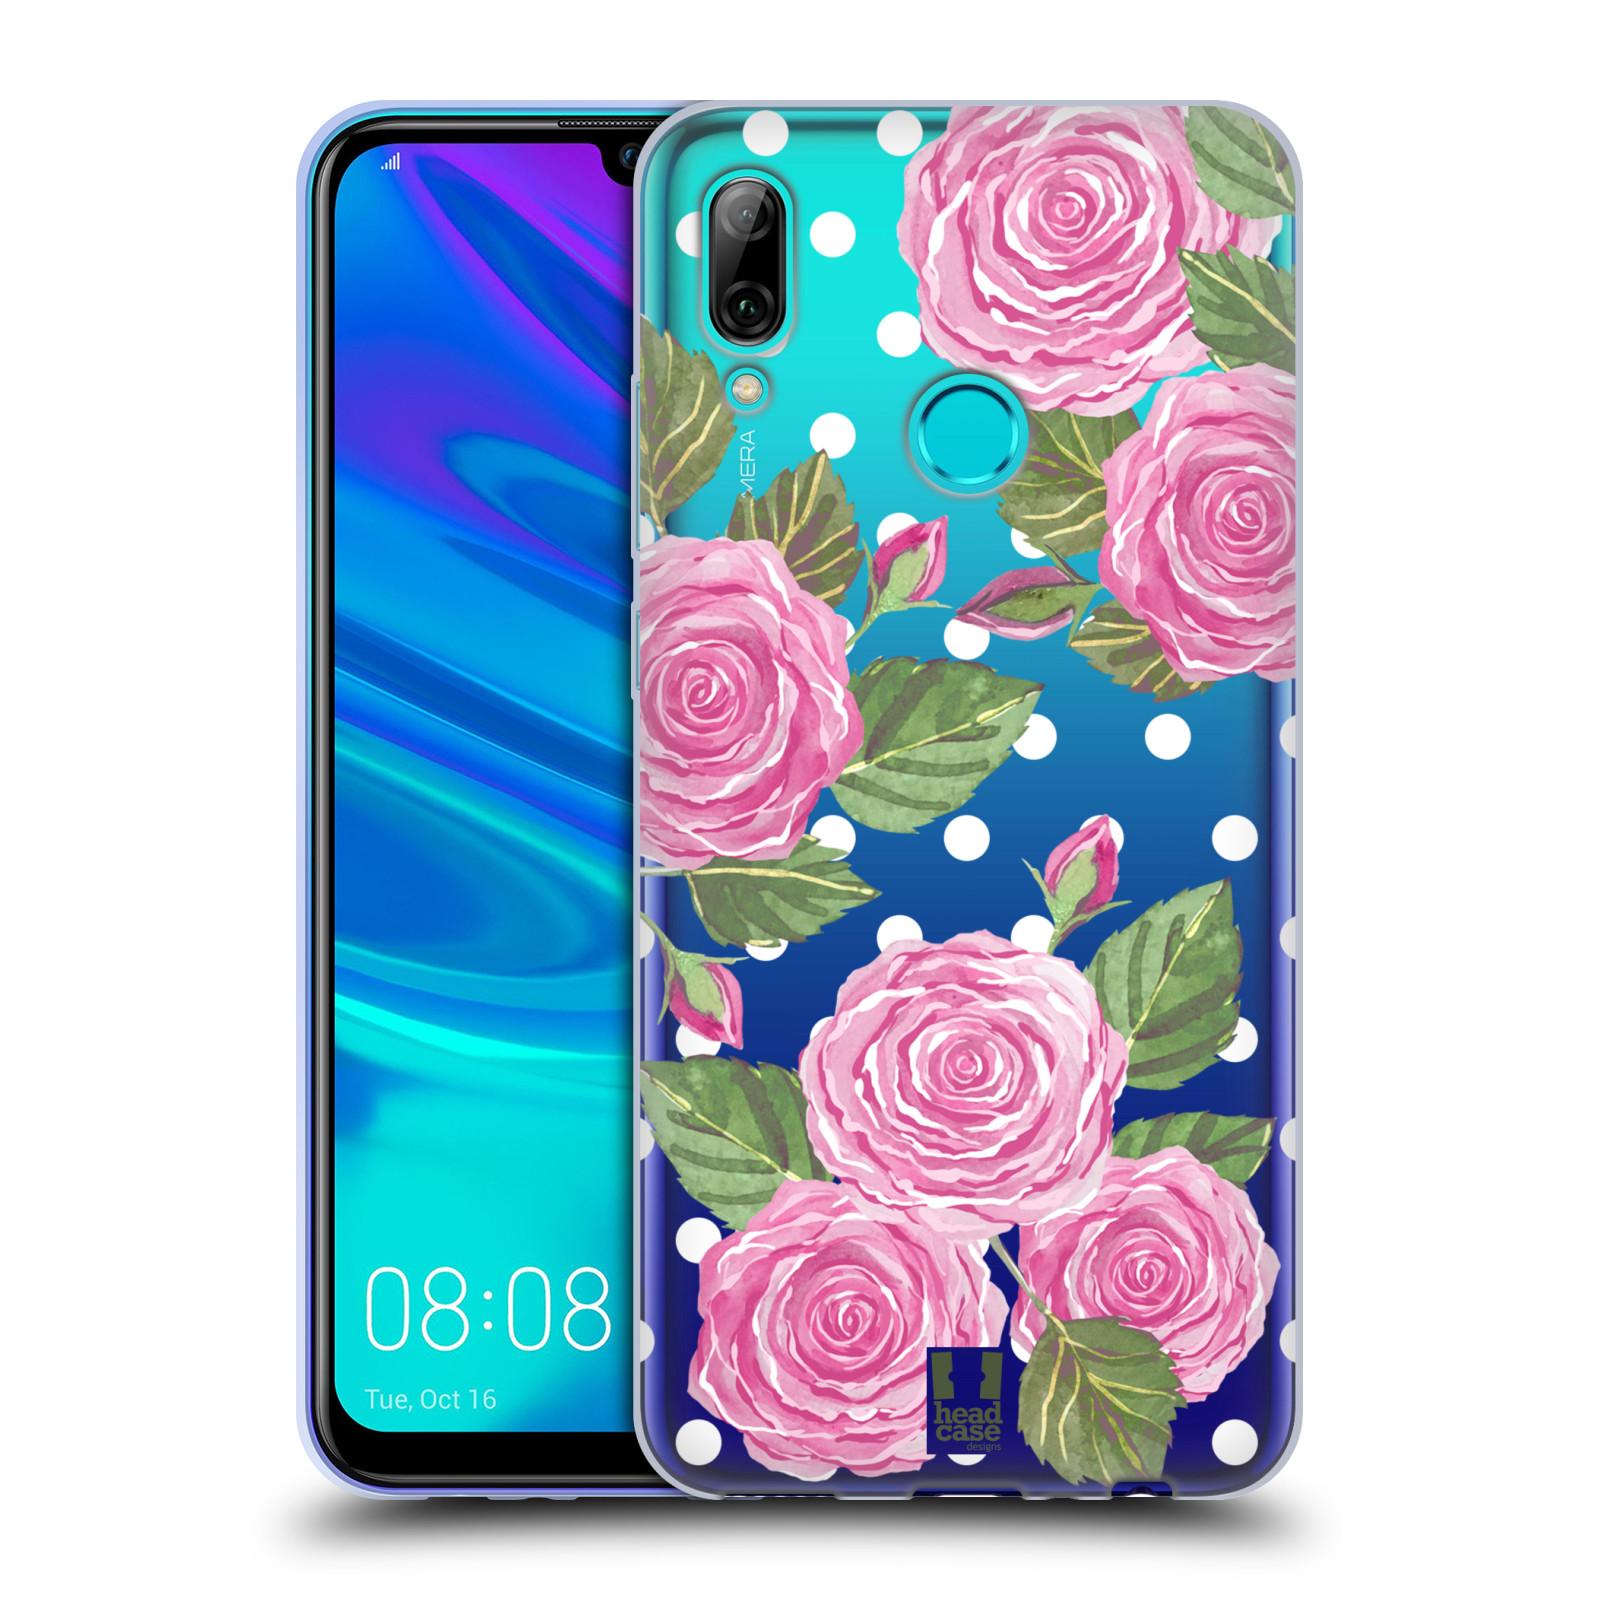 Silikonové pouzdro na mobil Honor 10 Lite - Head Case - Hezoučké růžičky - průhledné